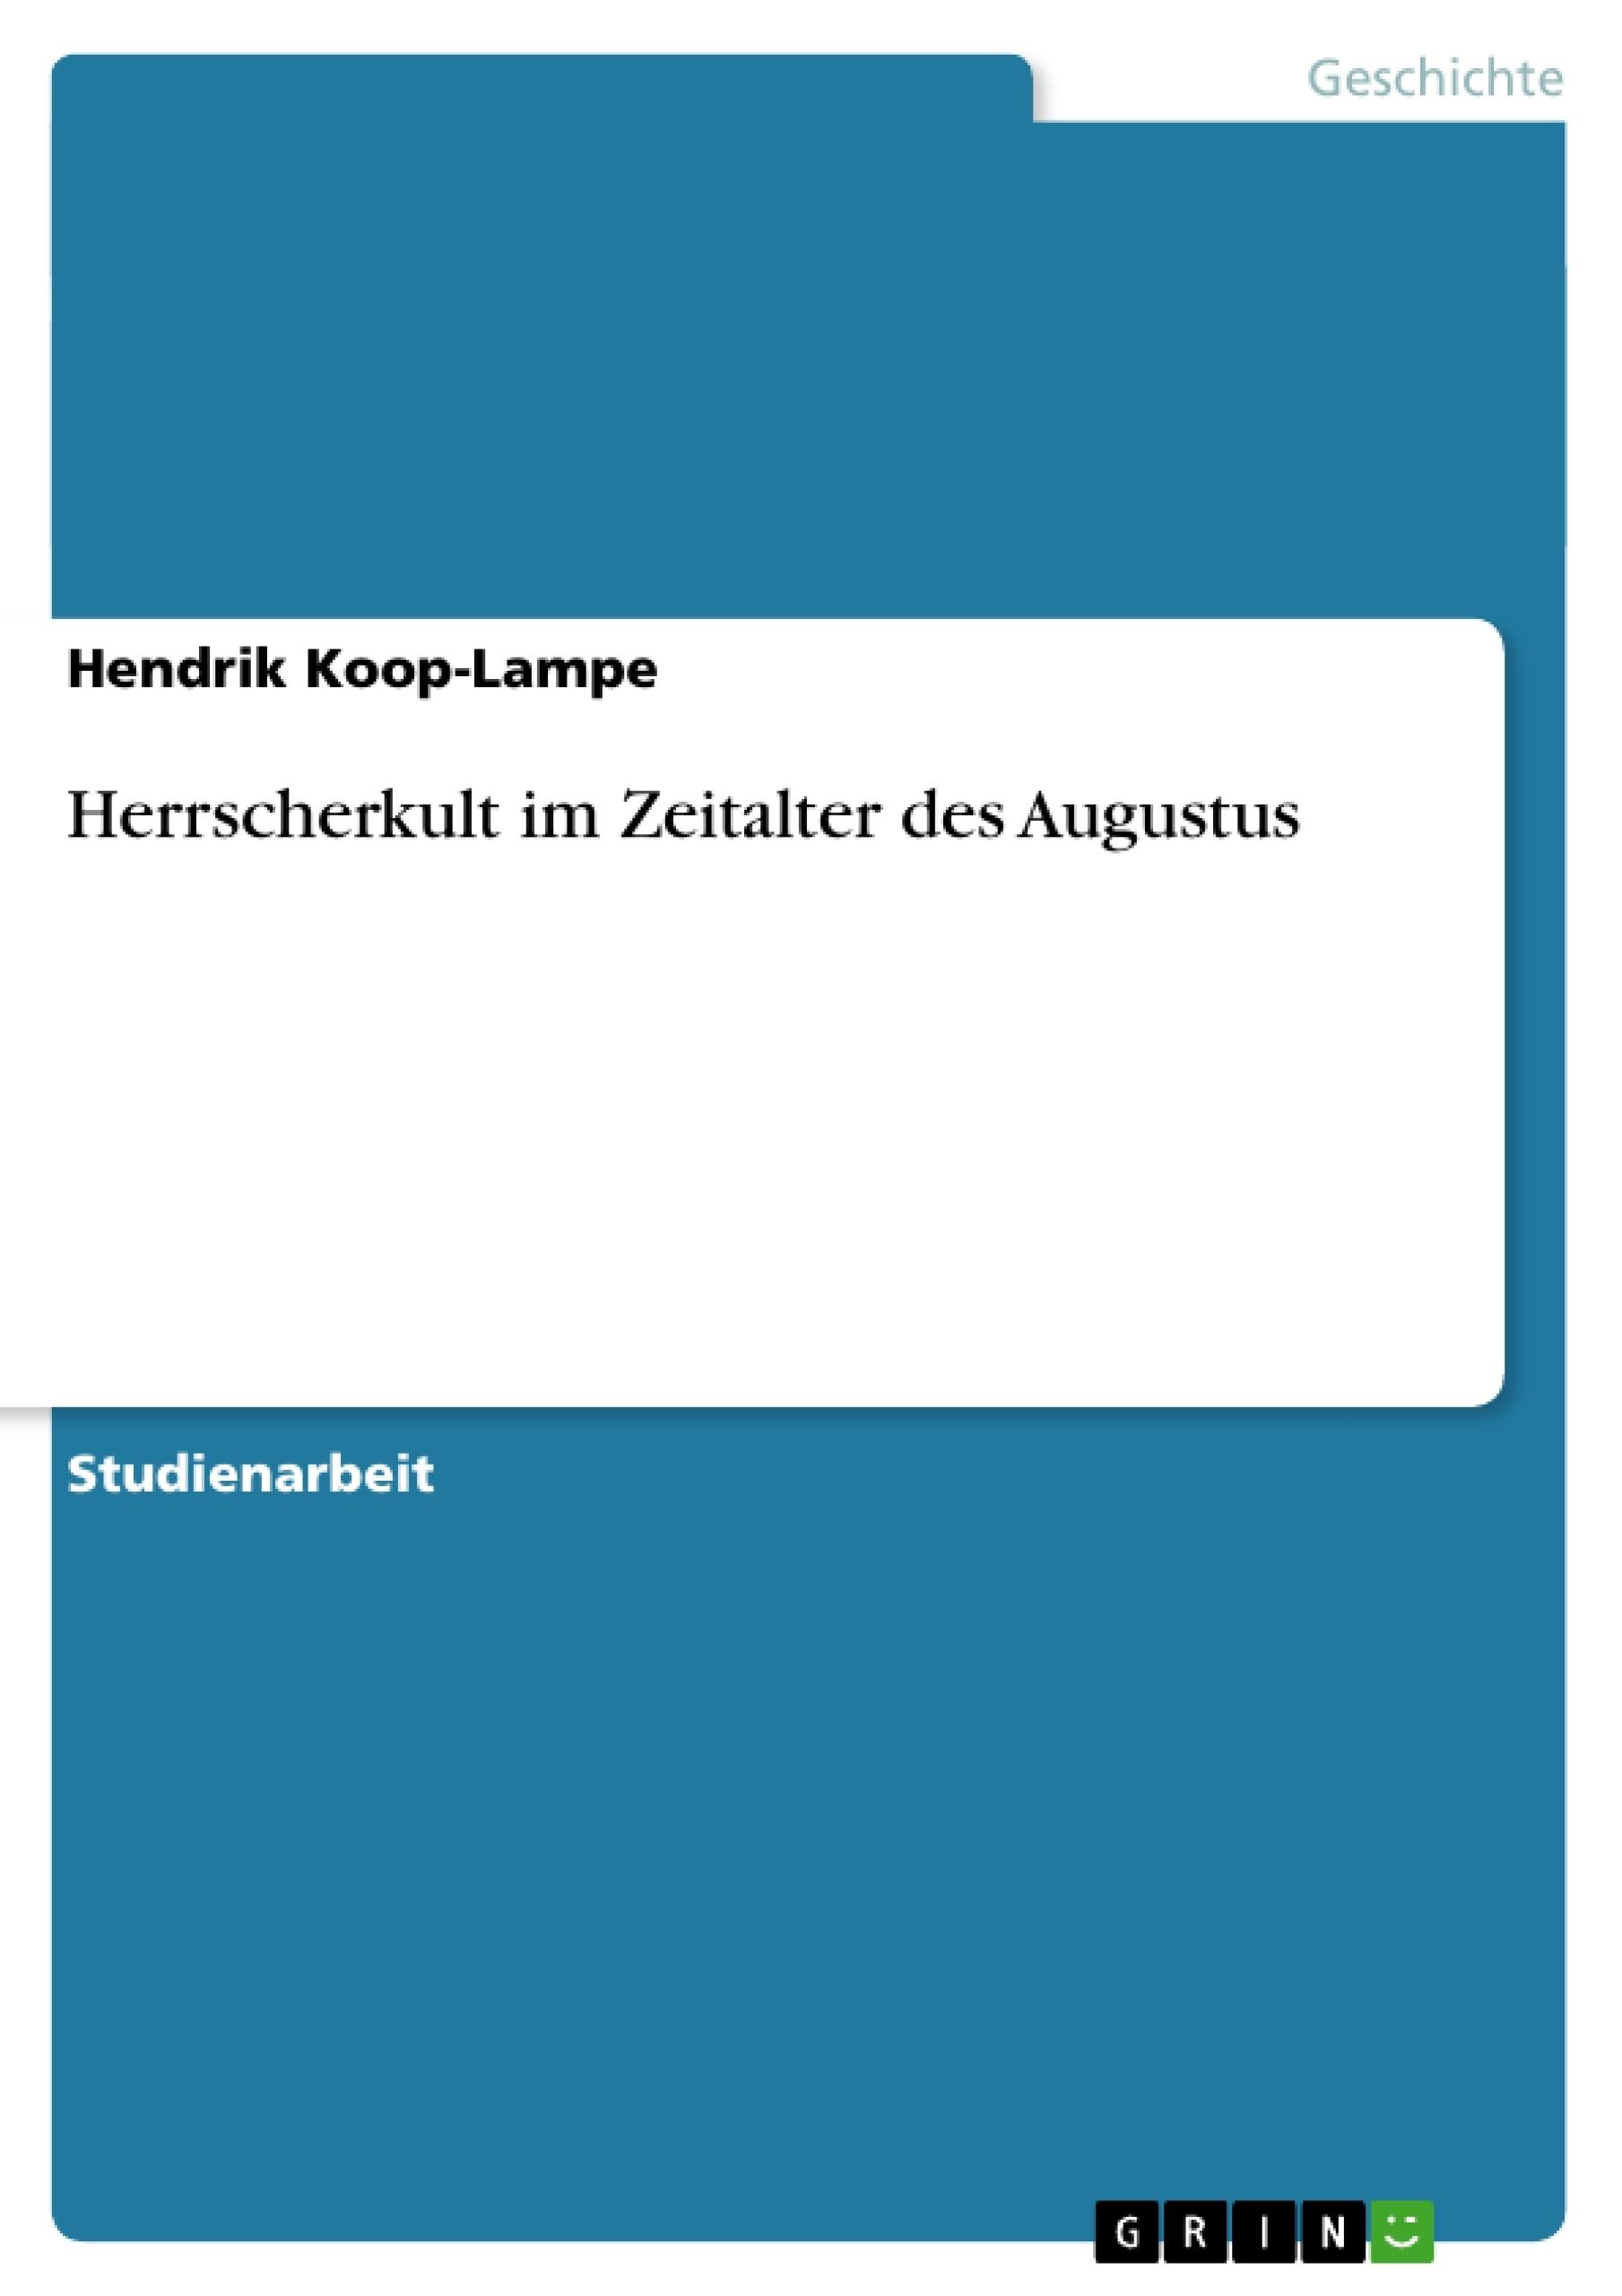 Titel: Herrscherkult im Zeitalter des Augustus